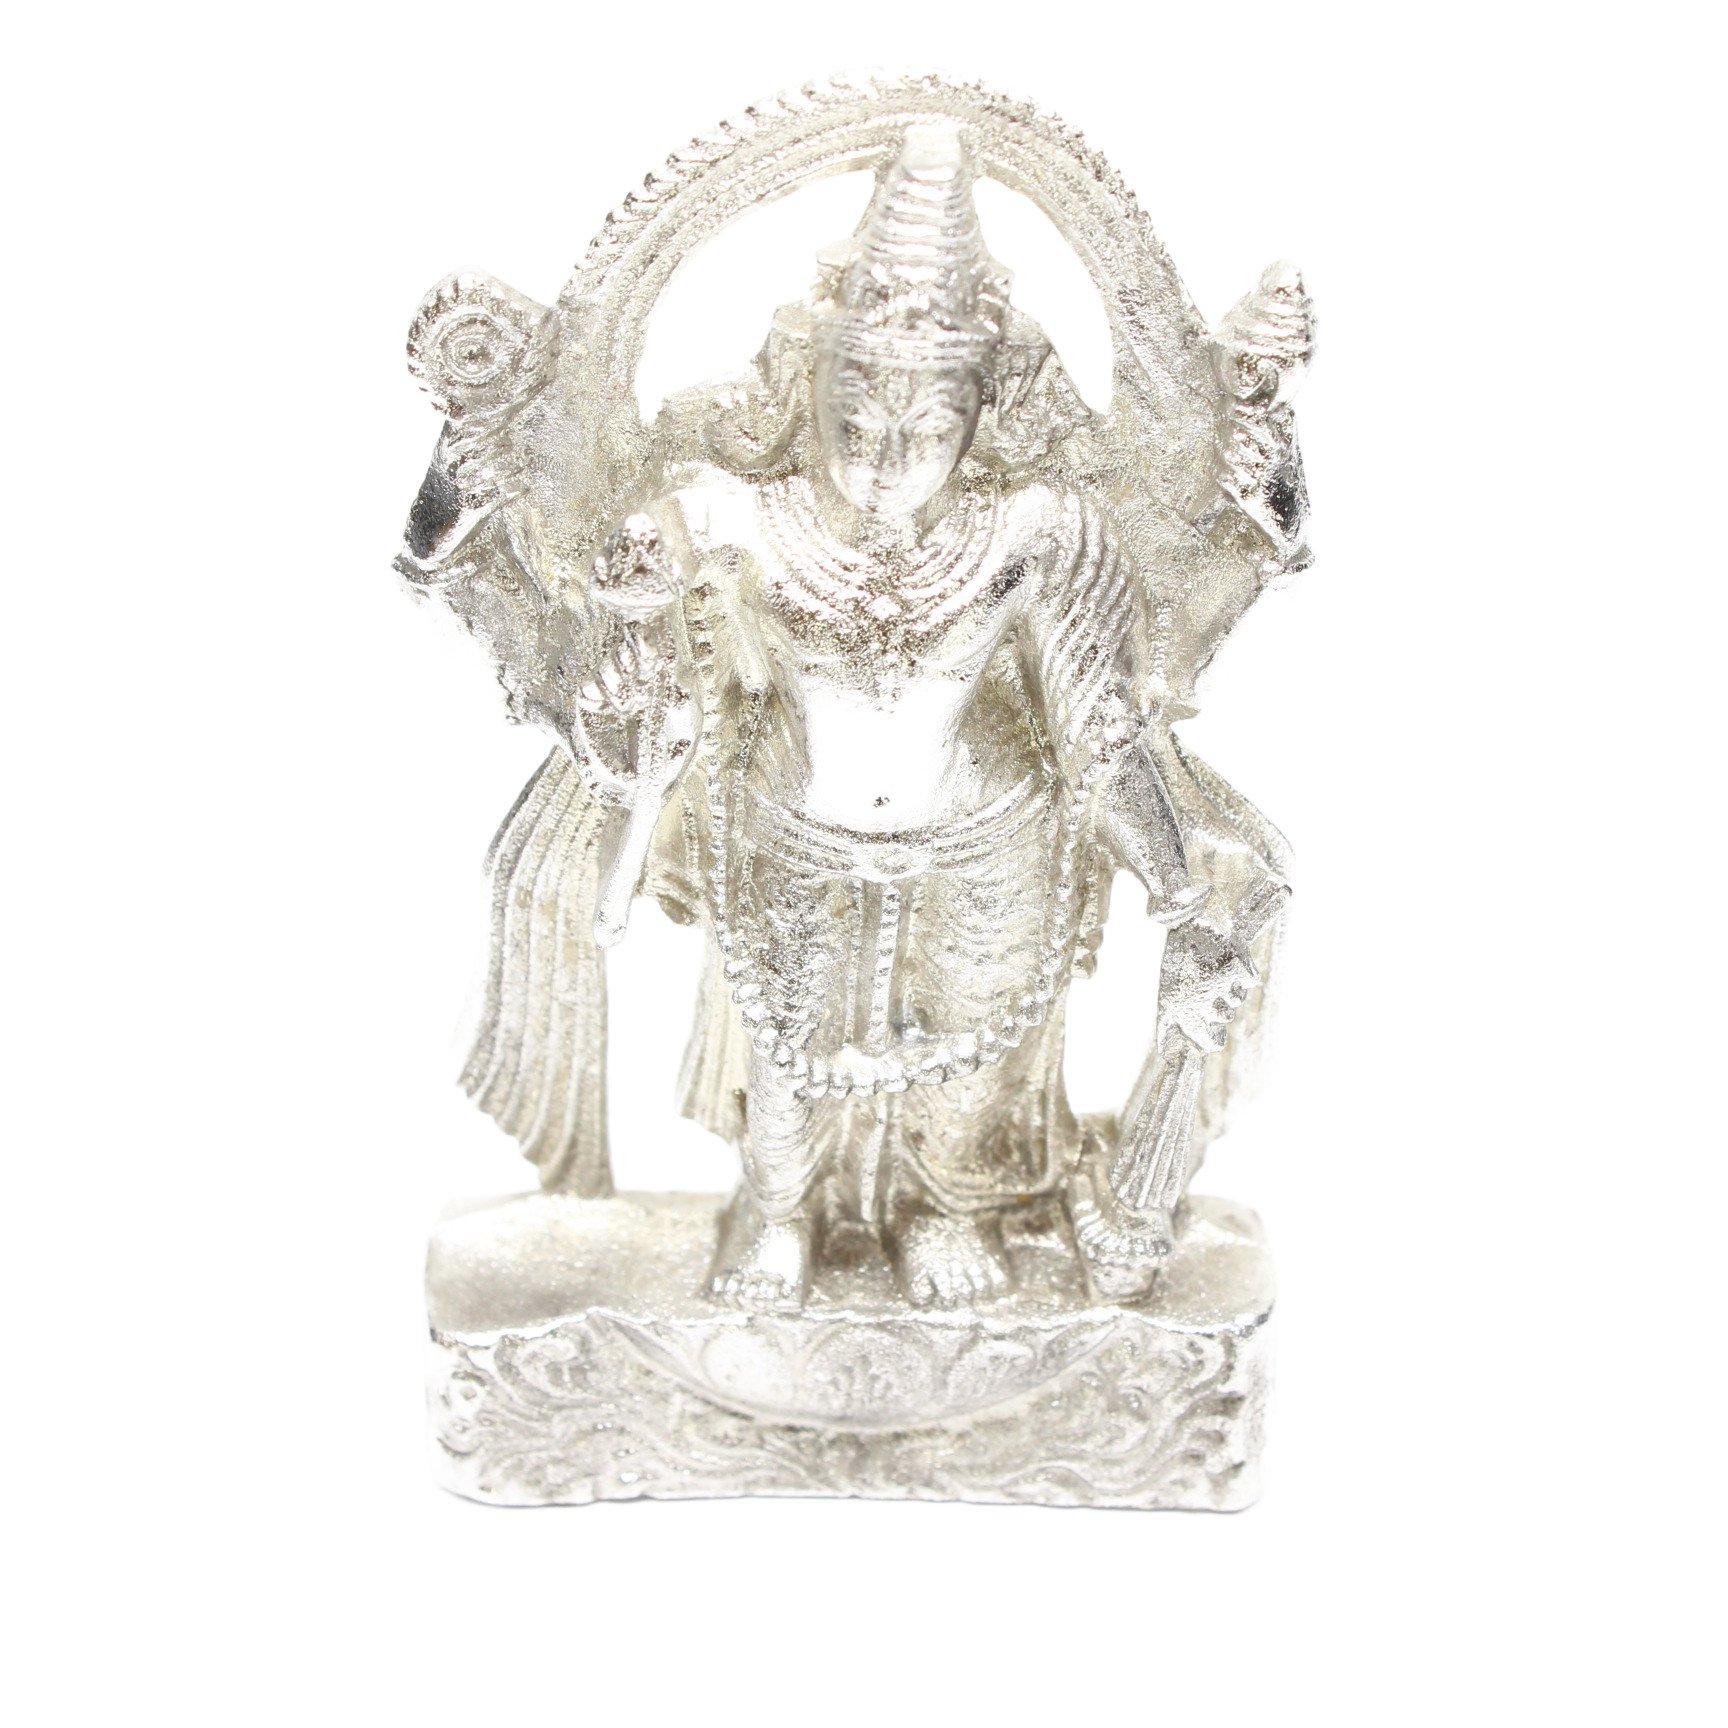 パラド・ヴィシュヌ神像(高さ約7.5cm、...